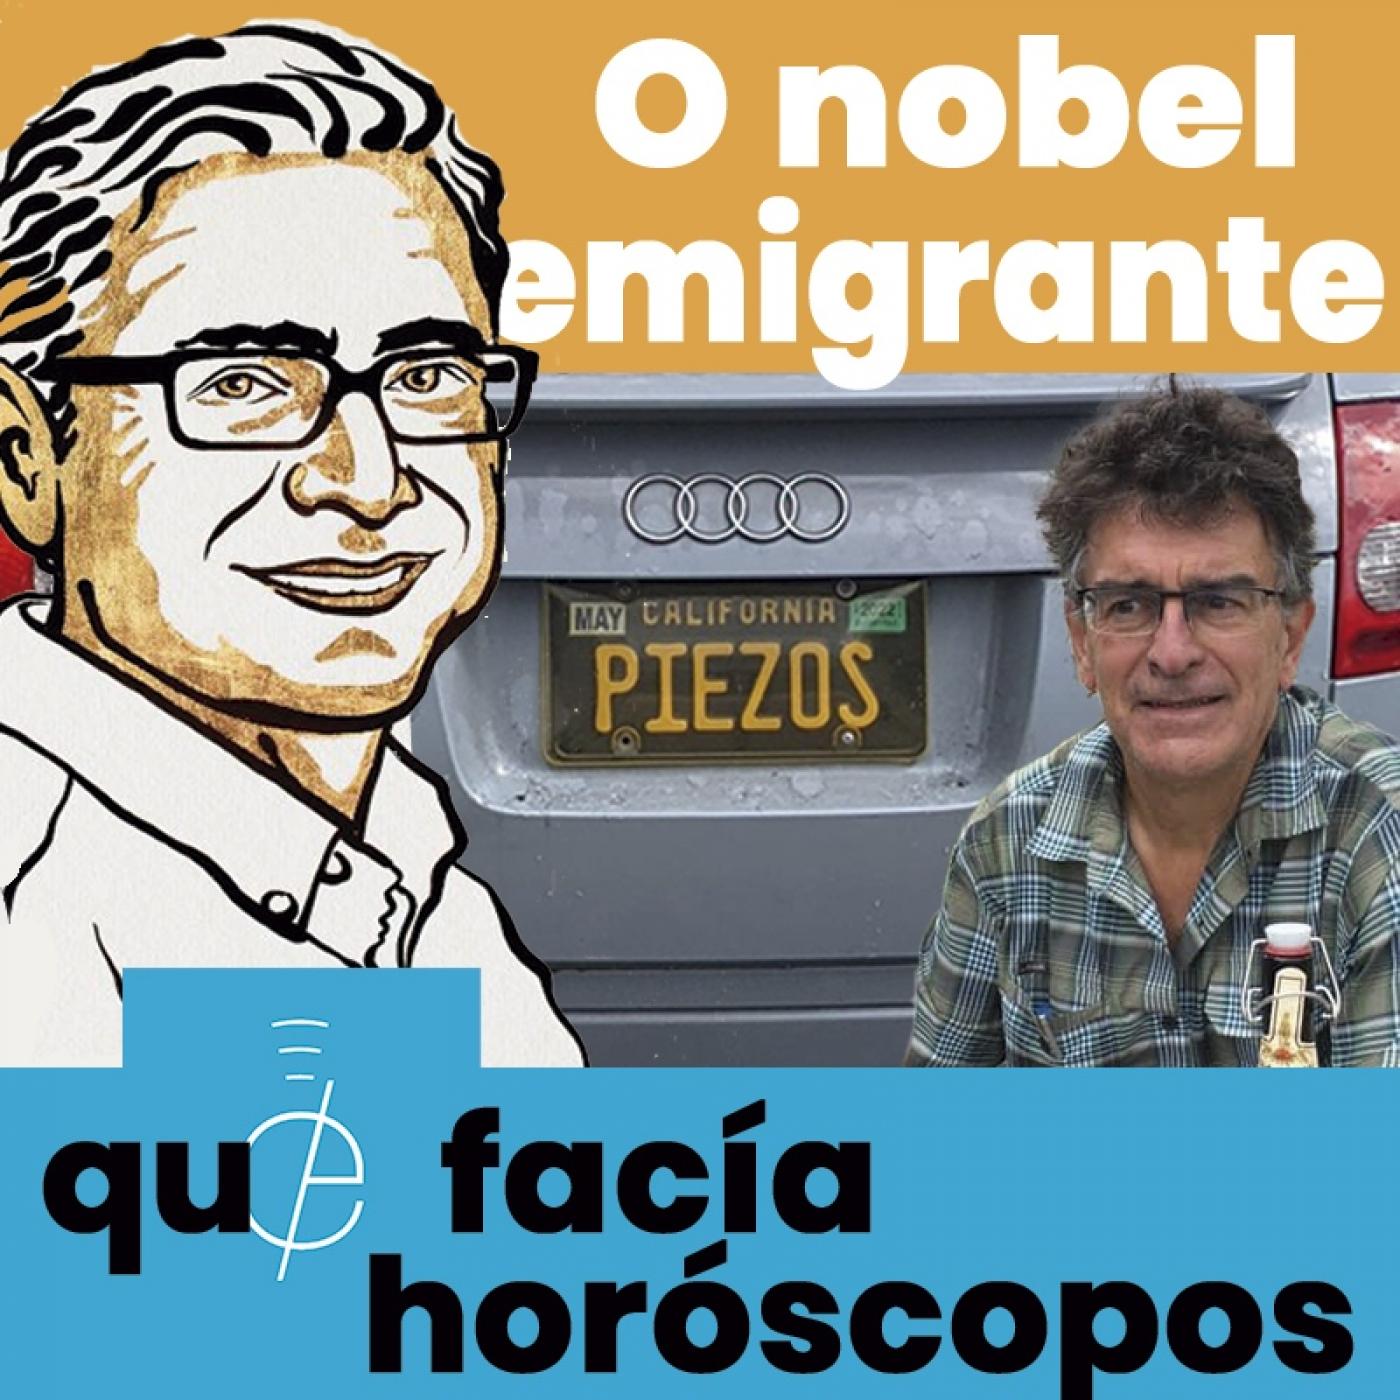 Efer 571 (6-10-21): O nobel emigrante que sobrevivía facendo horóscopos